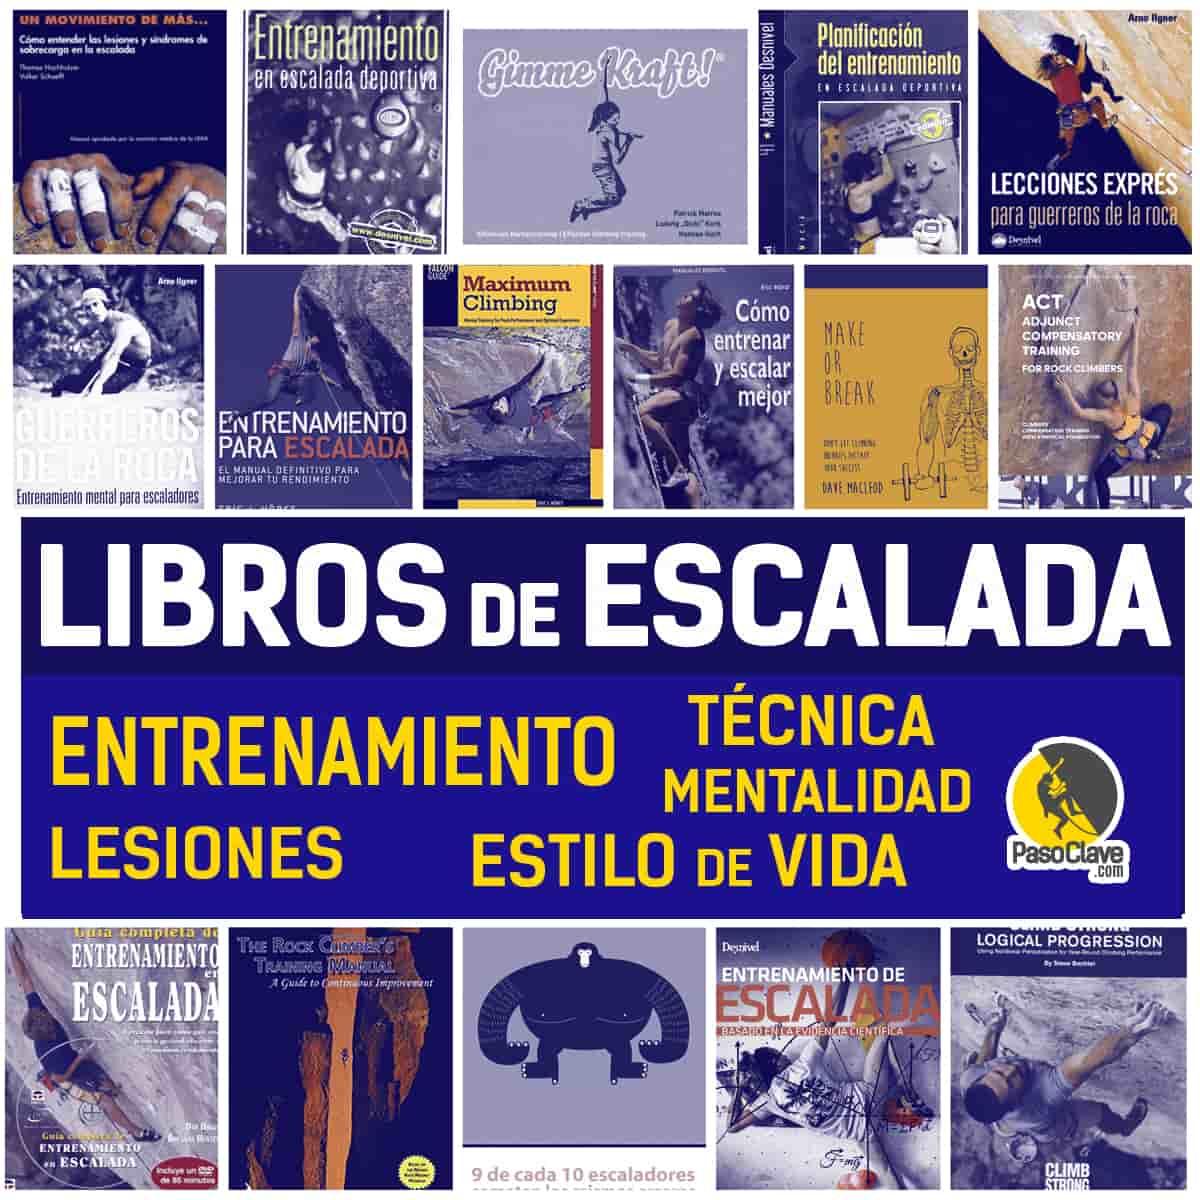 libros de escalada: entrenamiento, técnica y lesiones